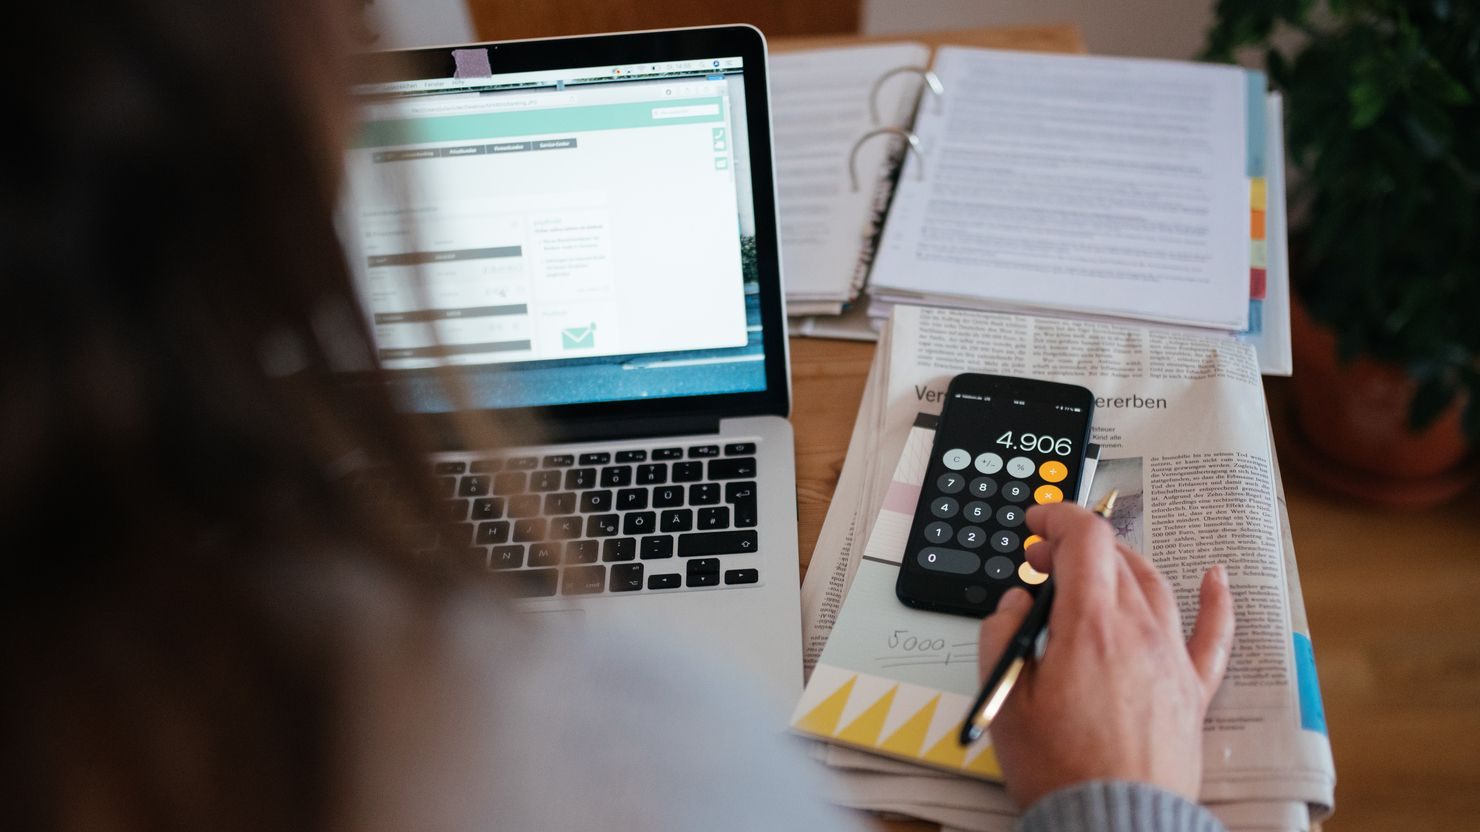 Eine Frau sitzt vor Unterlagen und berechnet etwas mit ihrem Smartphone.